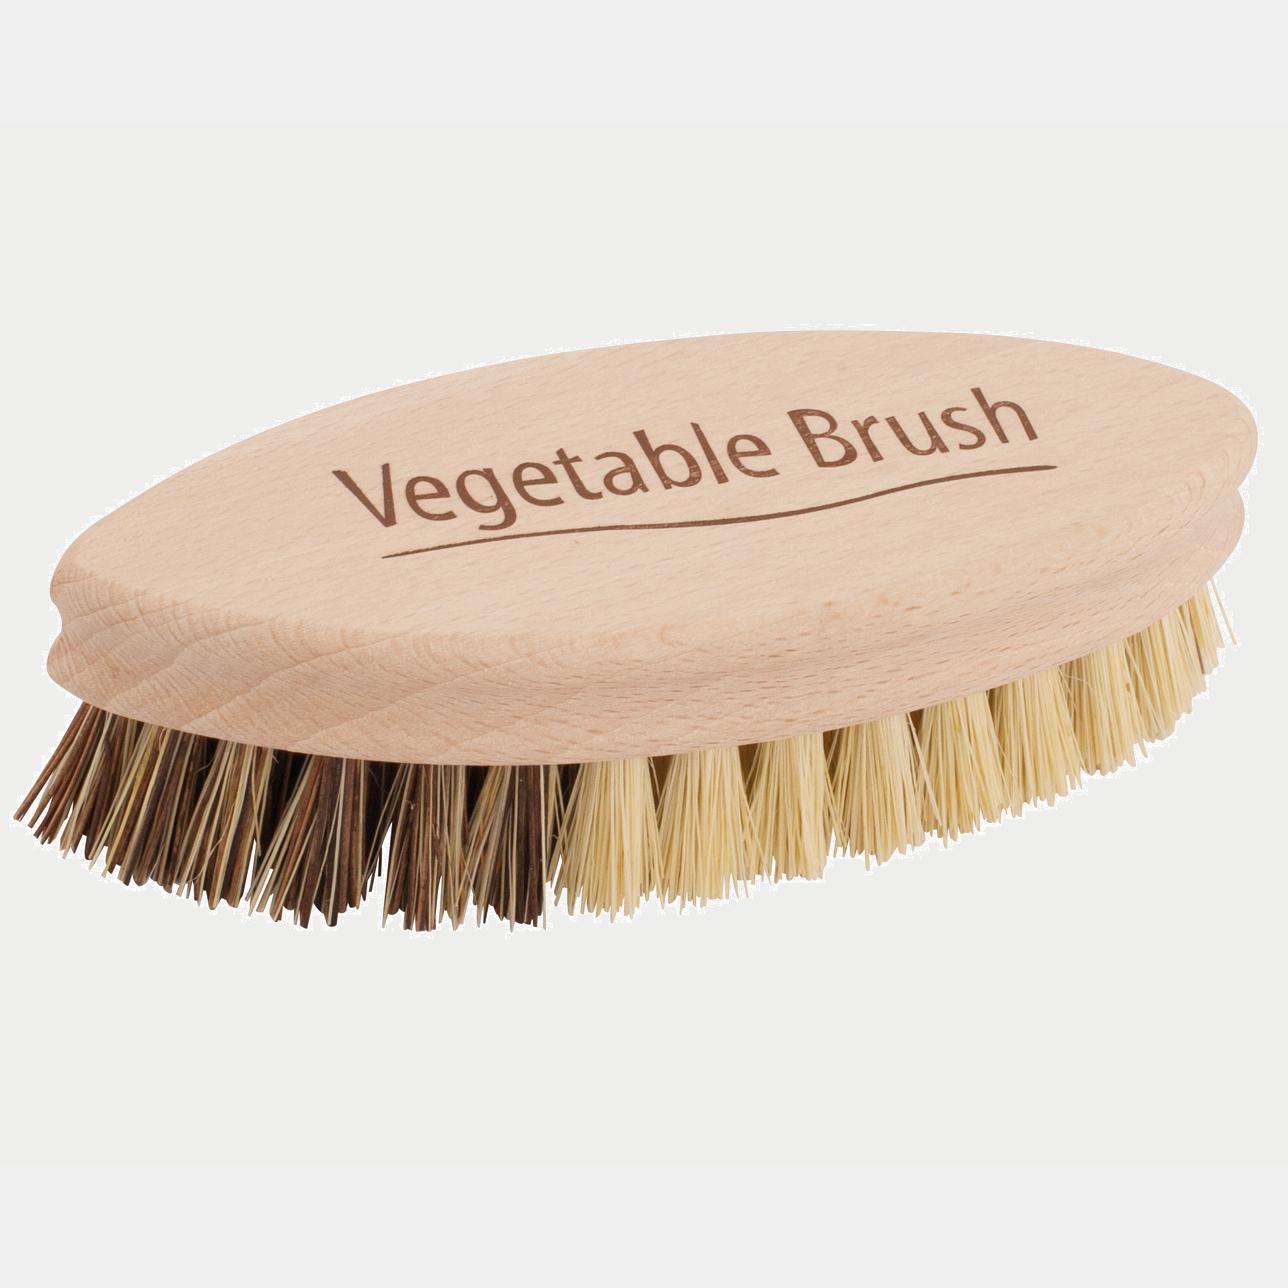 Perie naturală pentru curățat legume.